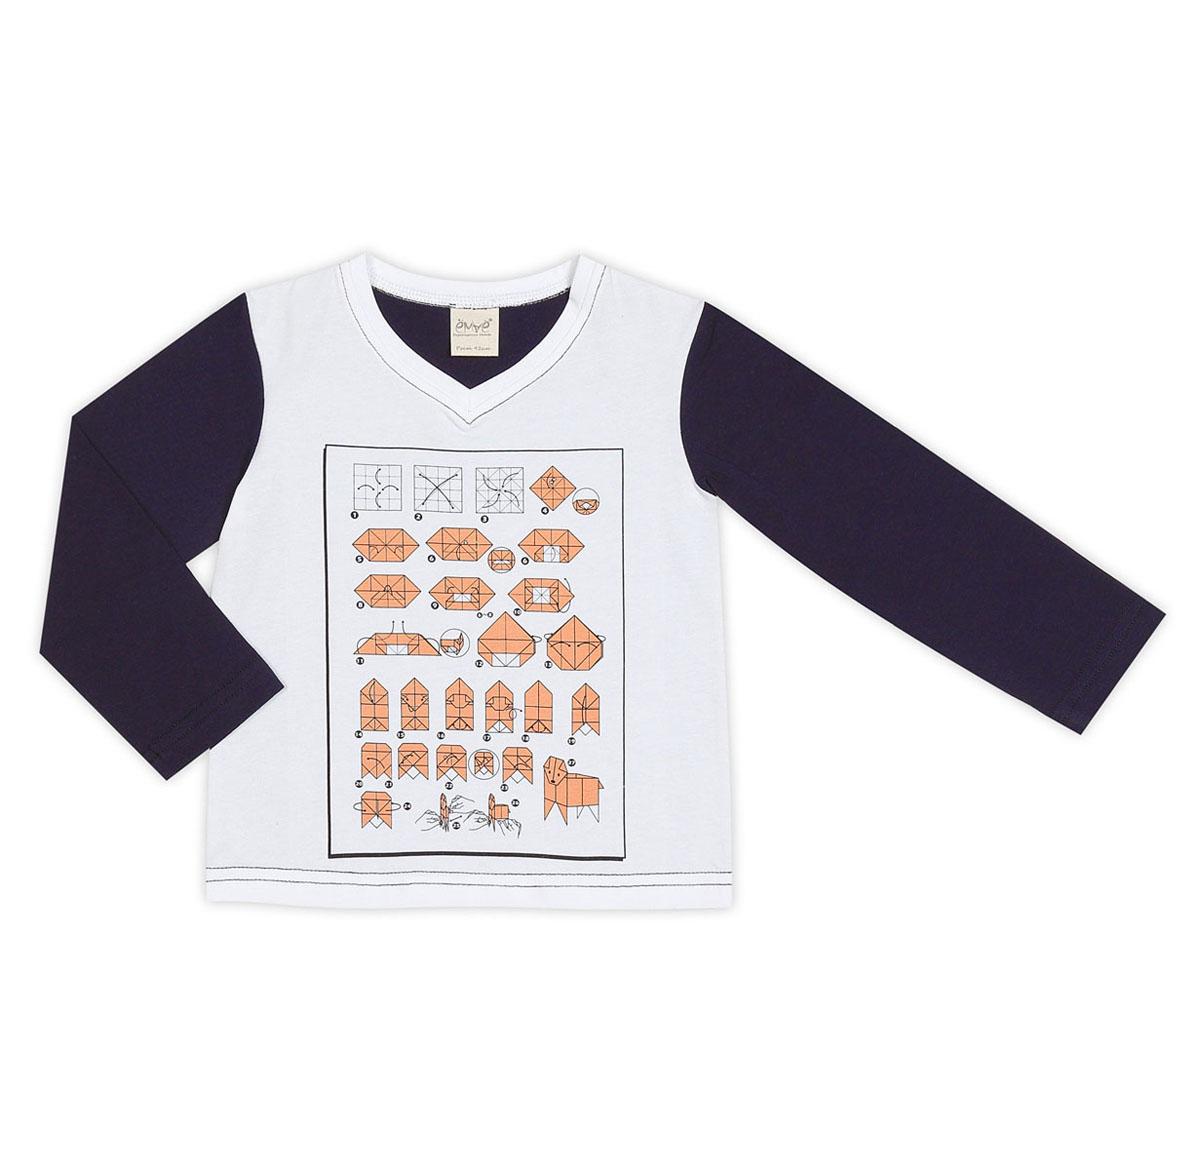 Футболка с длинным рукавом27-623Футболка с длинным рукавом для мальчика Ёмаё, выполненная из эластичного хлопка, идеально подойдёт вашему ребенку. Футболка с длинными руками и V-образным вырезом горловины оформлена спереди оригинальным схематичным принтом. Рукава и спинка выполнены в контрастном цвете. В такой футболке вашему крохе будет уютно и комфортно.